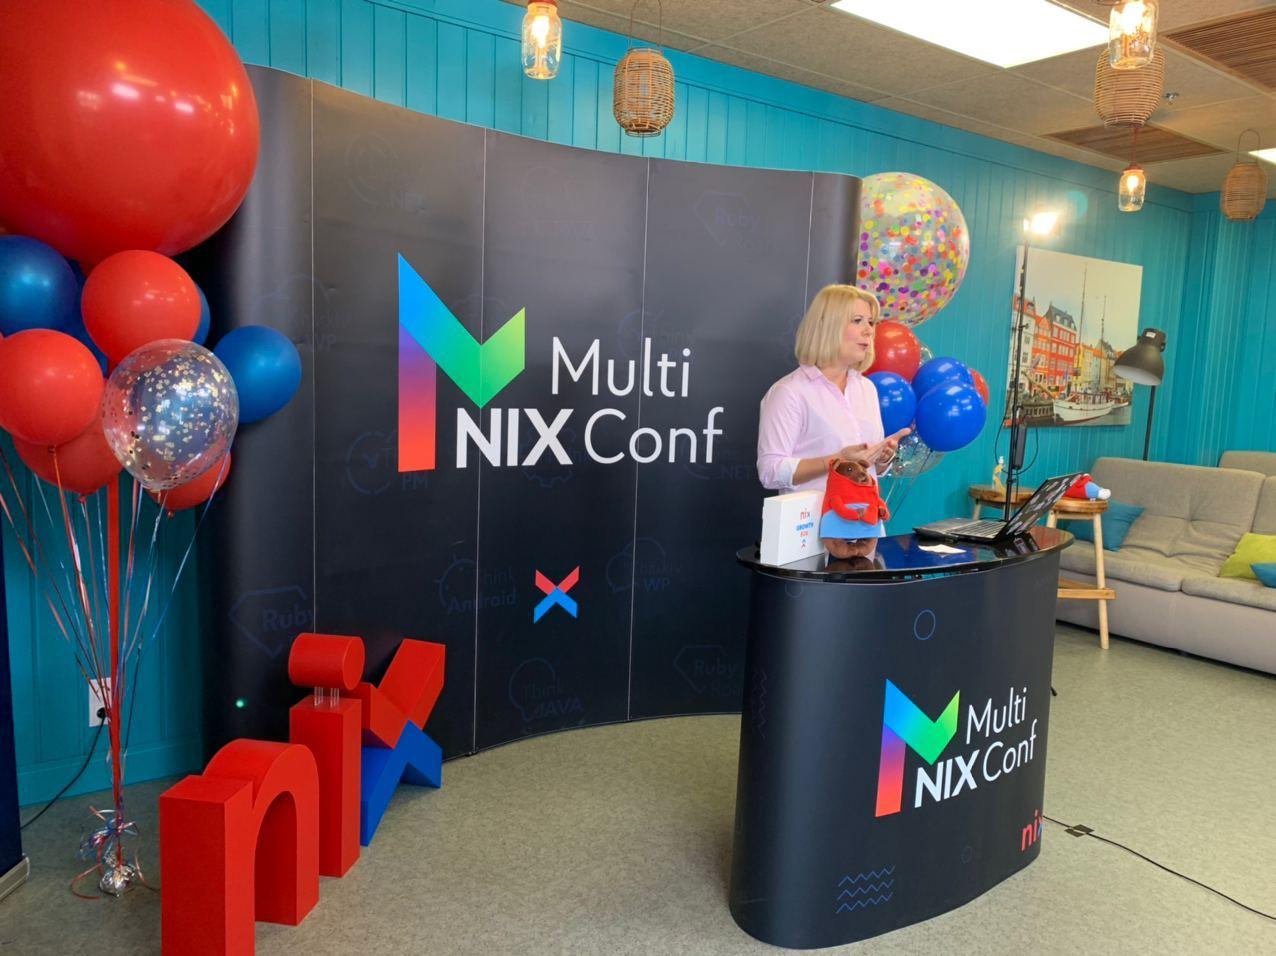 2020-10-30-12.13.56 Як NIXMultiConf стала найбільшою в Україні онлайн IT-конференцією і зібрала 17 тис глядачів із 13 країн